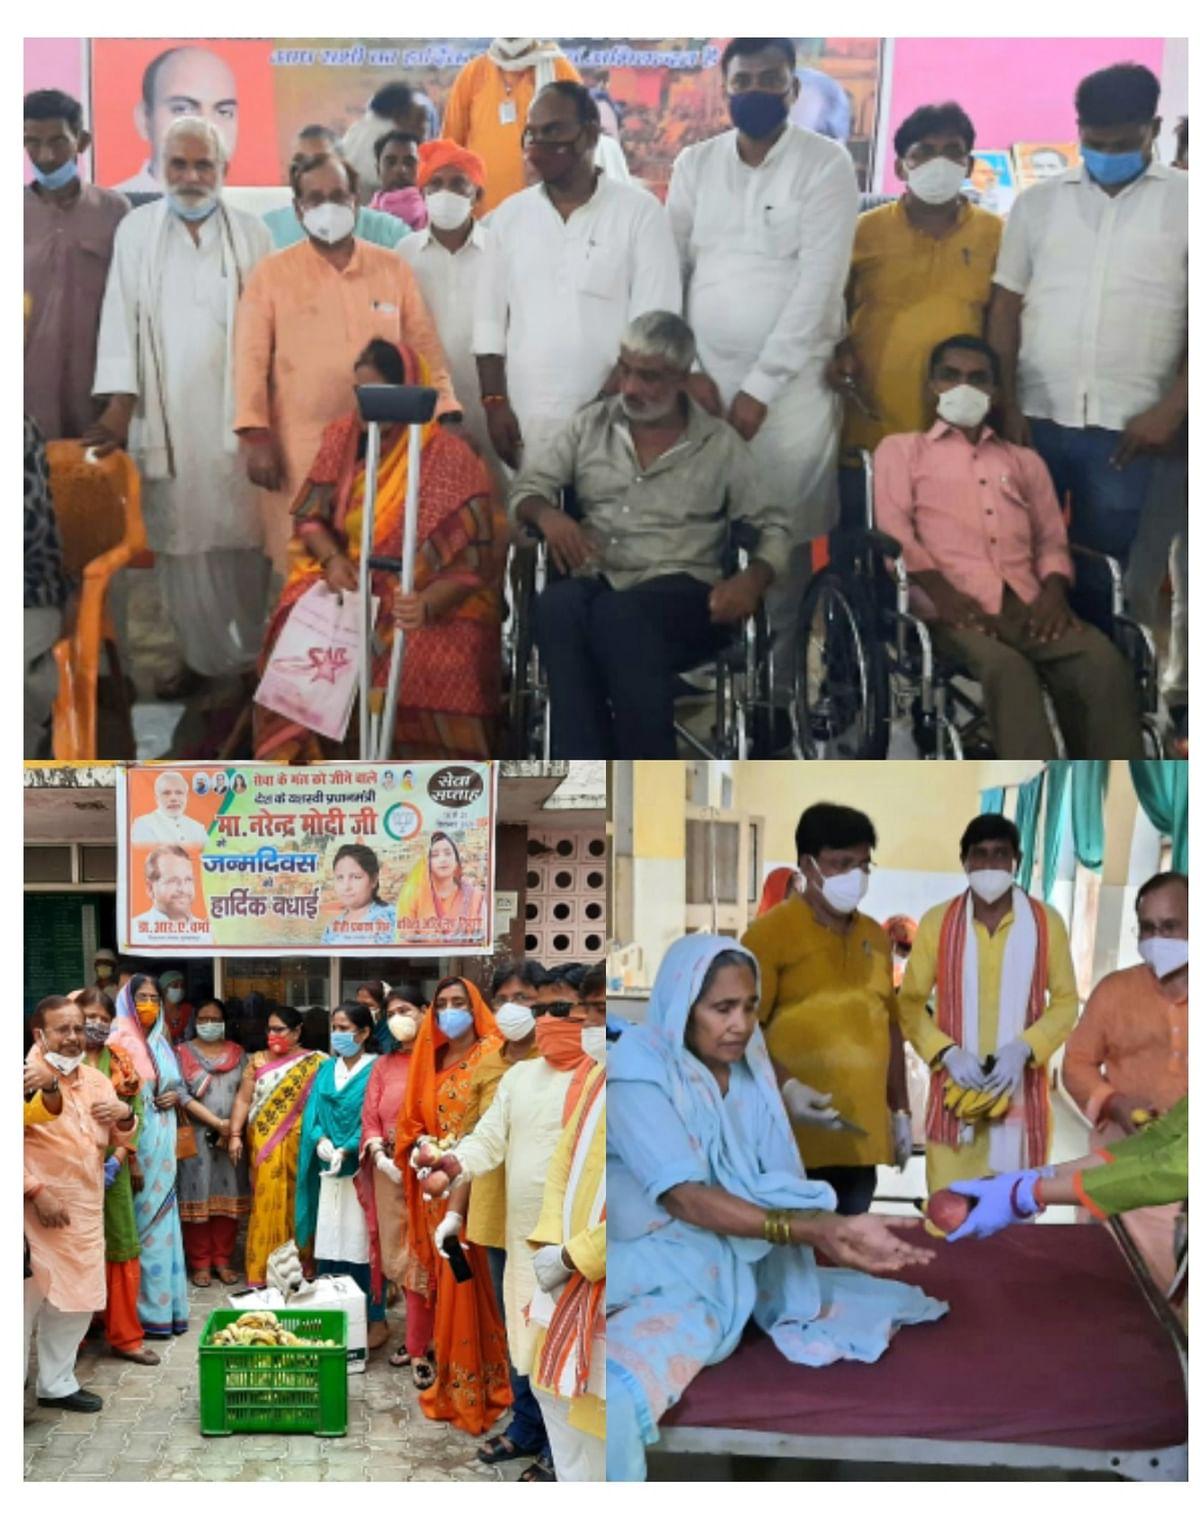 प्रधानमंत्री के जन्मदिन पर भाजपा ने दिव्यांगों को बांटे उपकरण